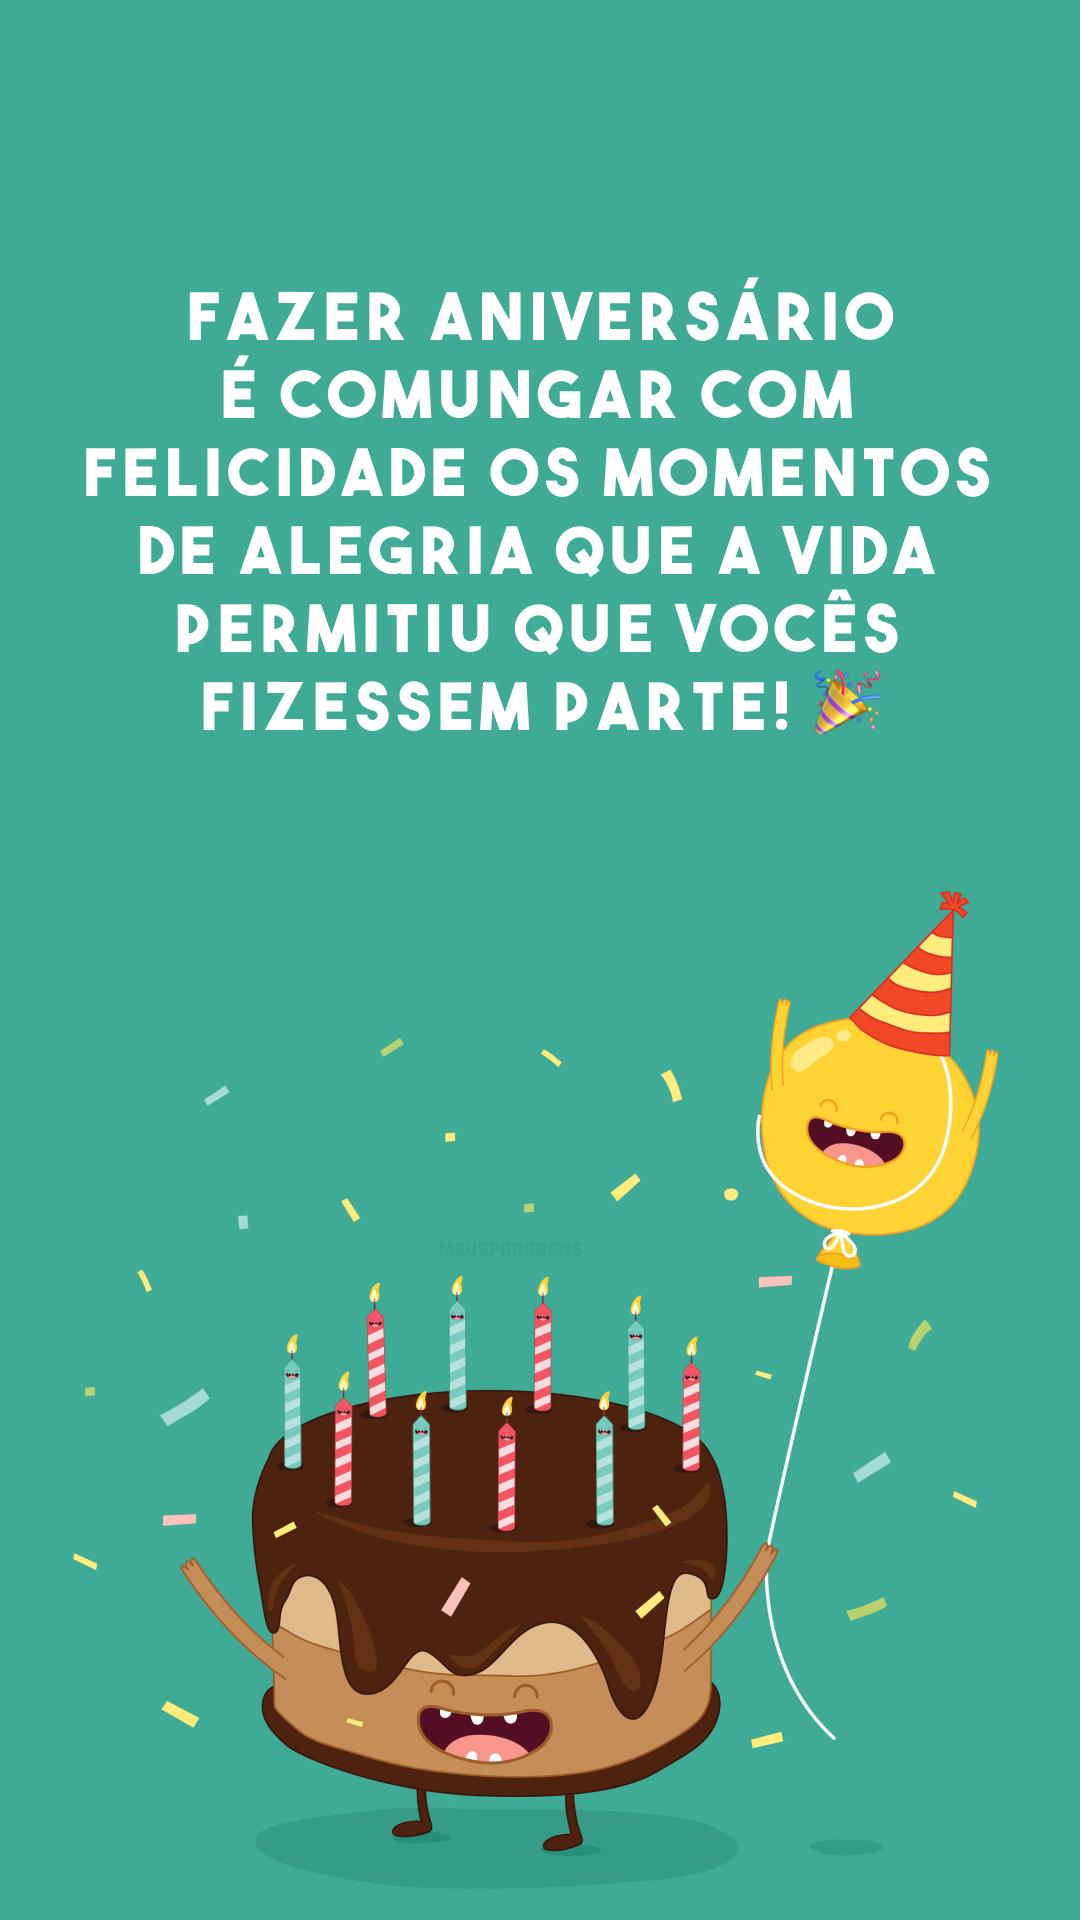 Fazer aniversário é comungar com felicidade os momentos de alegria que a vida permitiu que vocês fizessem parte! ?